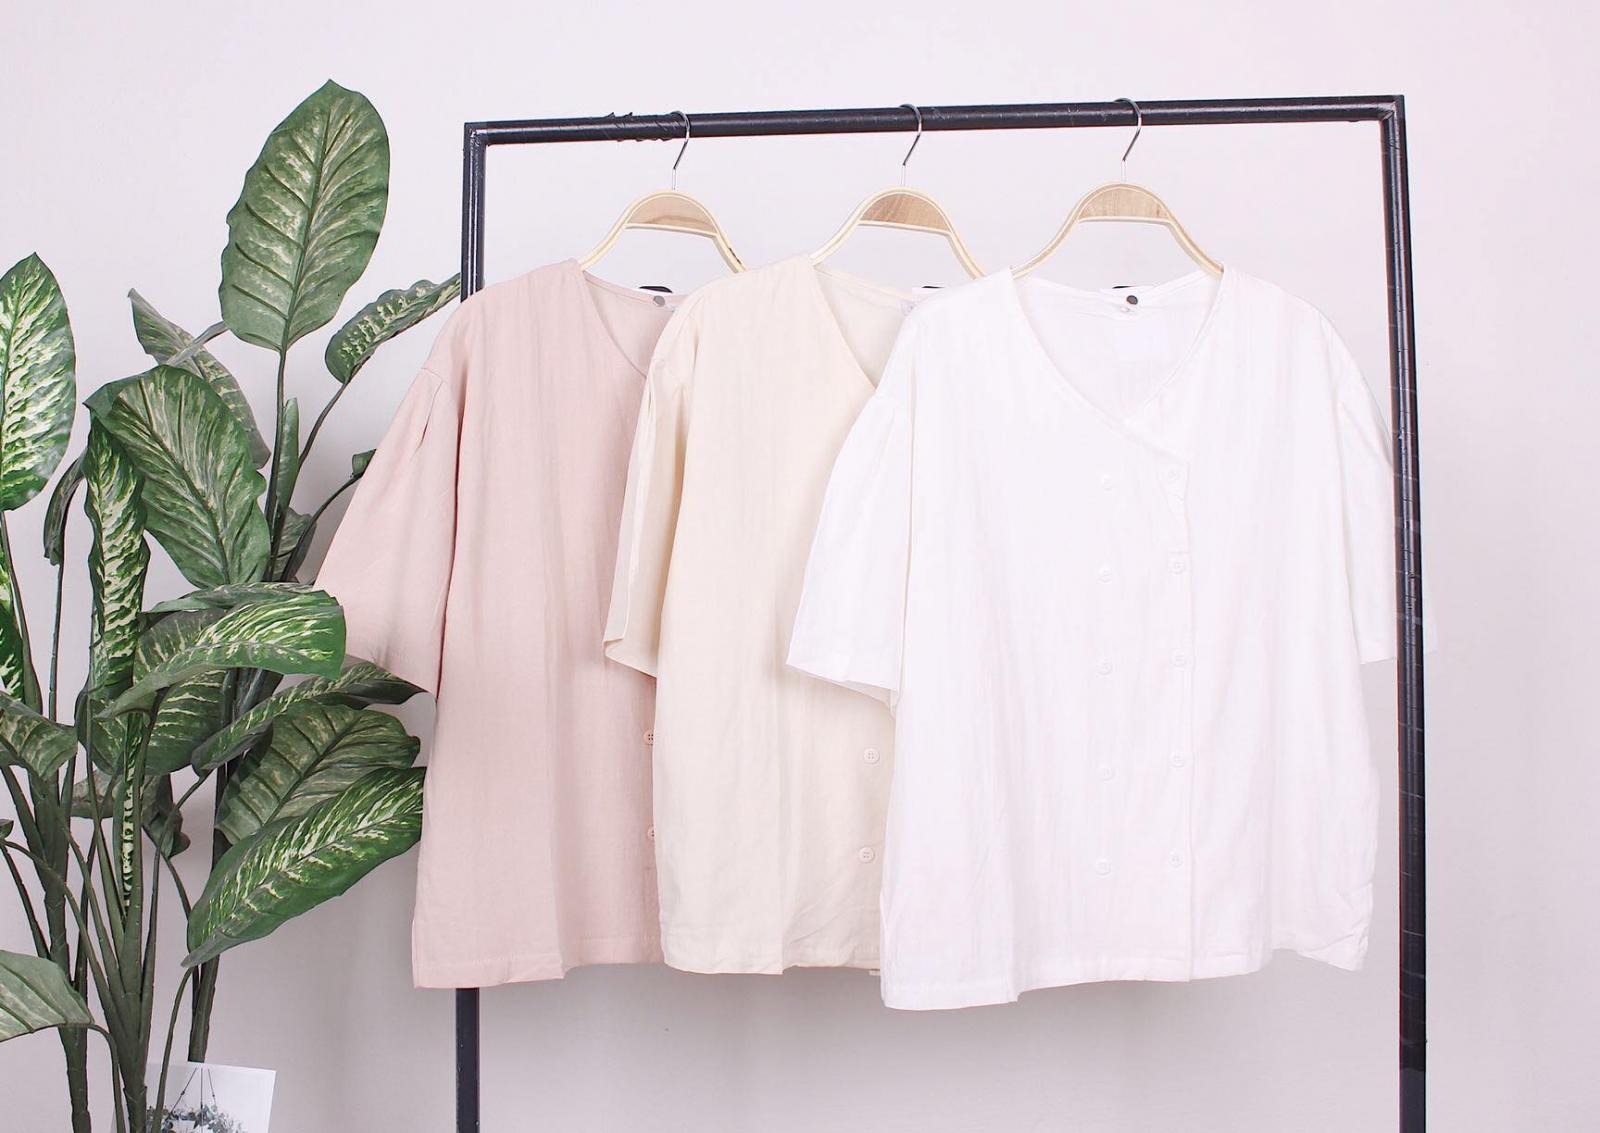 Top n shop bán áo sơ mi nữ đẹp nhất Đà Nẵng